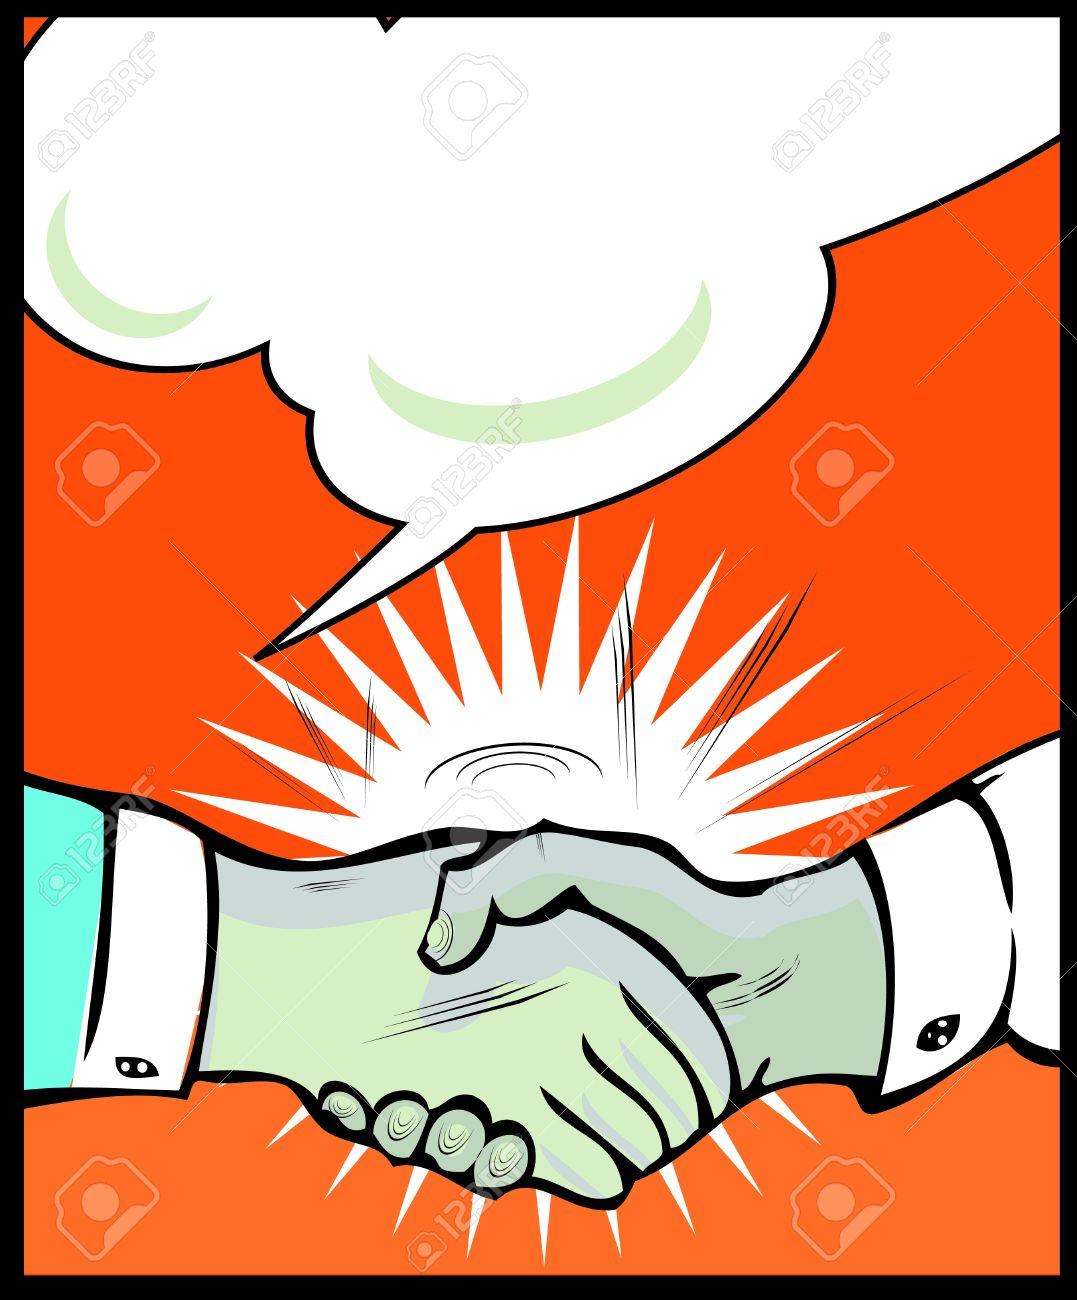 Vintage Pop art handshake background Stock Vector - 15770903